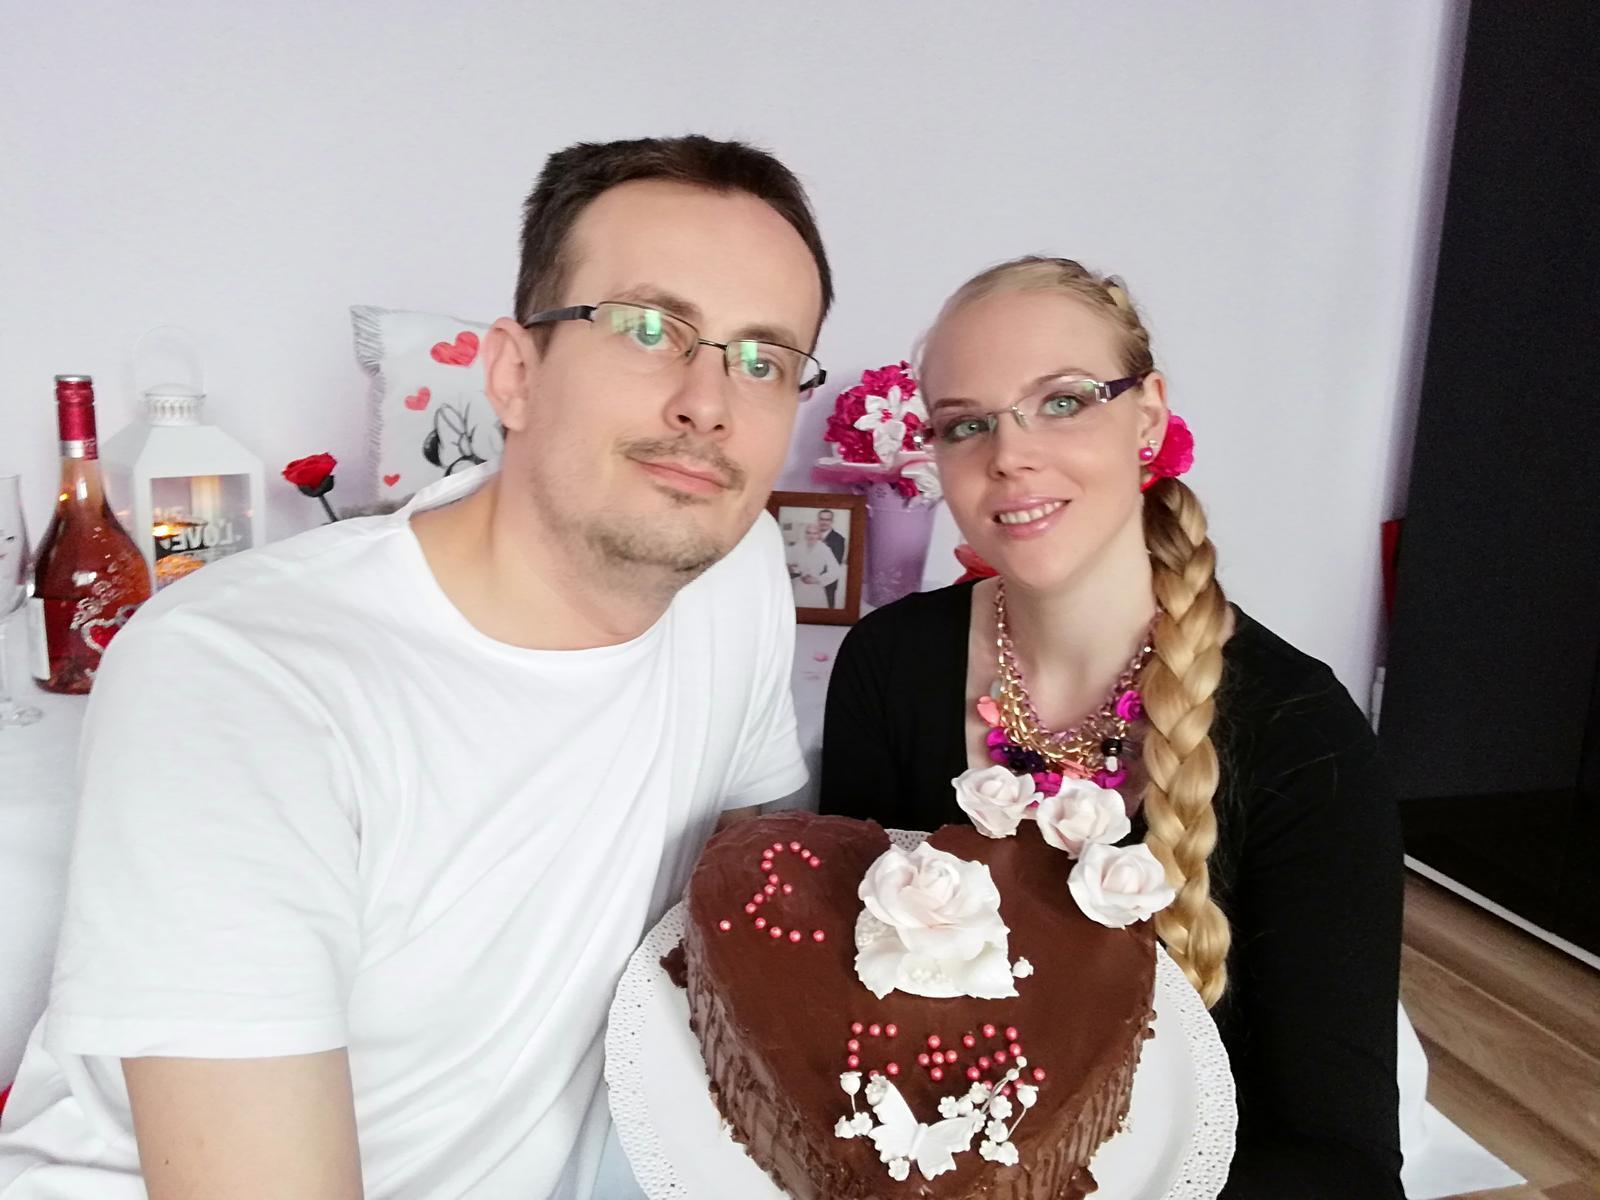 Dnes oslavujeme 3.vyrocie svadby tak som spravila pre manžela prekvapenie, tortička nie je dokonalá no je z lásky,este nás čaká relax vo wellness a spoločný obed veľmi sa teším na tento deň a prajem aj vám krásneho Valentína😍😍😍😍😍😍😍 - Obrázok č. 2